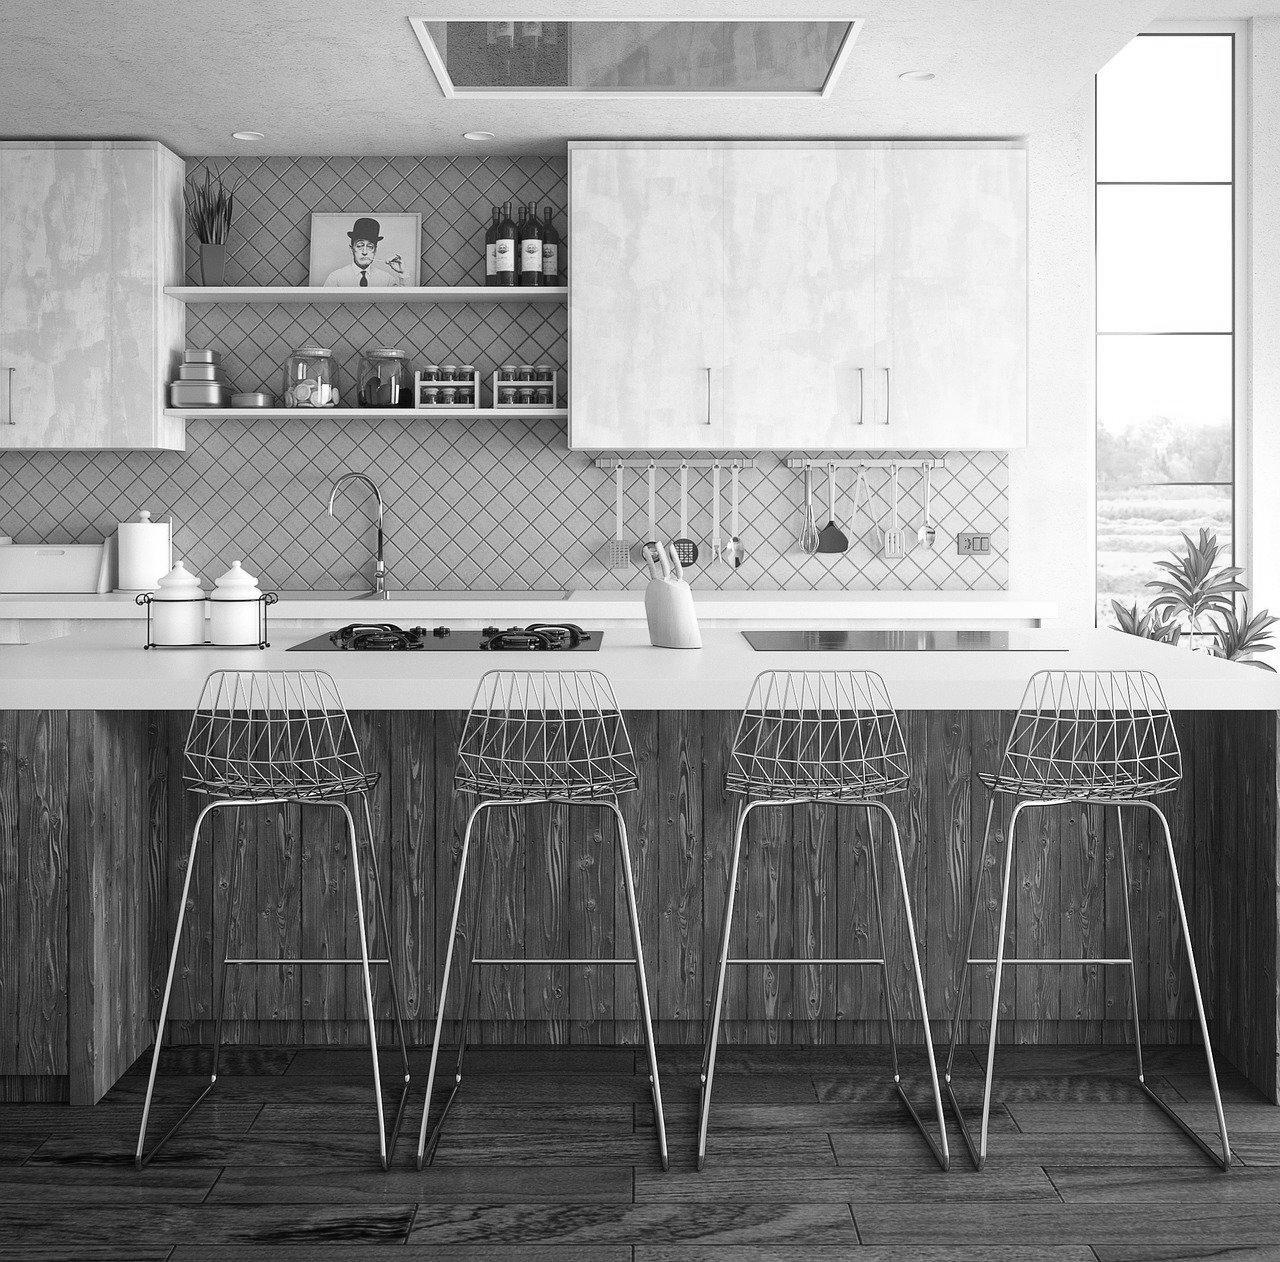 Rénovation de cuisine à Valbonne 06560 : Les tarifs